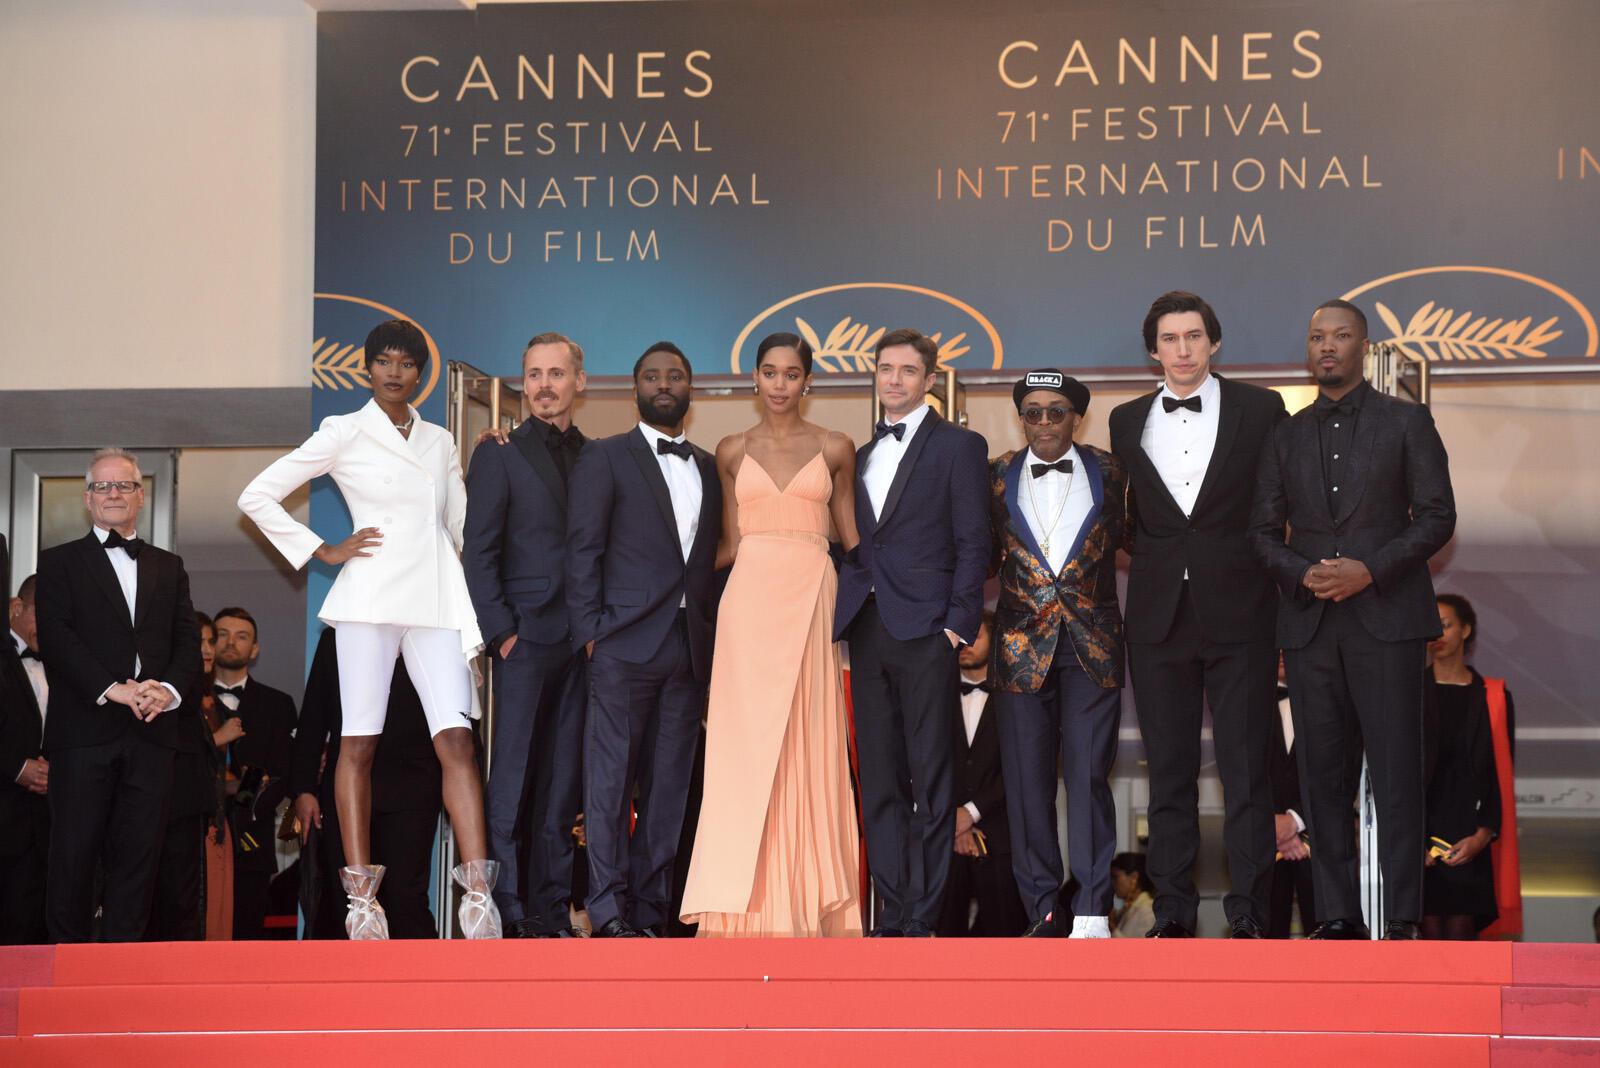 """فريق فيلم """"بلاكاسمان"""" يصعد الدرج بقصر المهرجانات في كان قبيل العرض الأول للفيلم."""